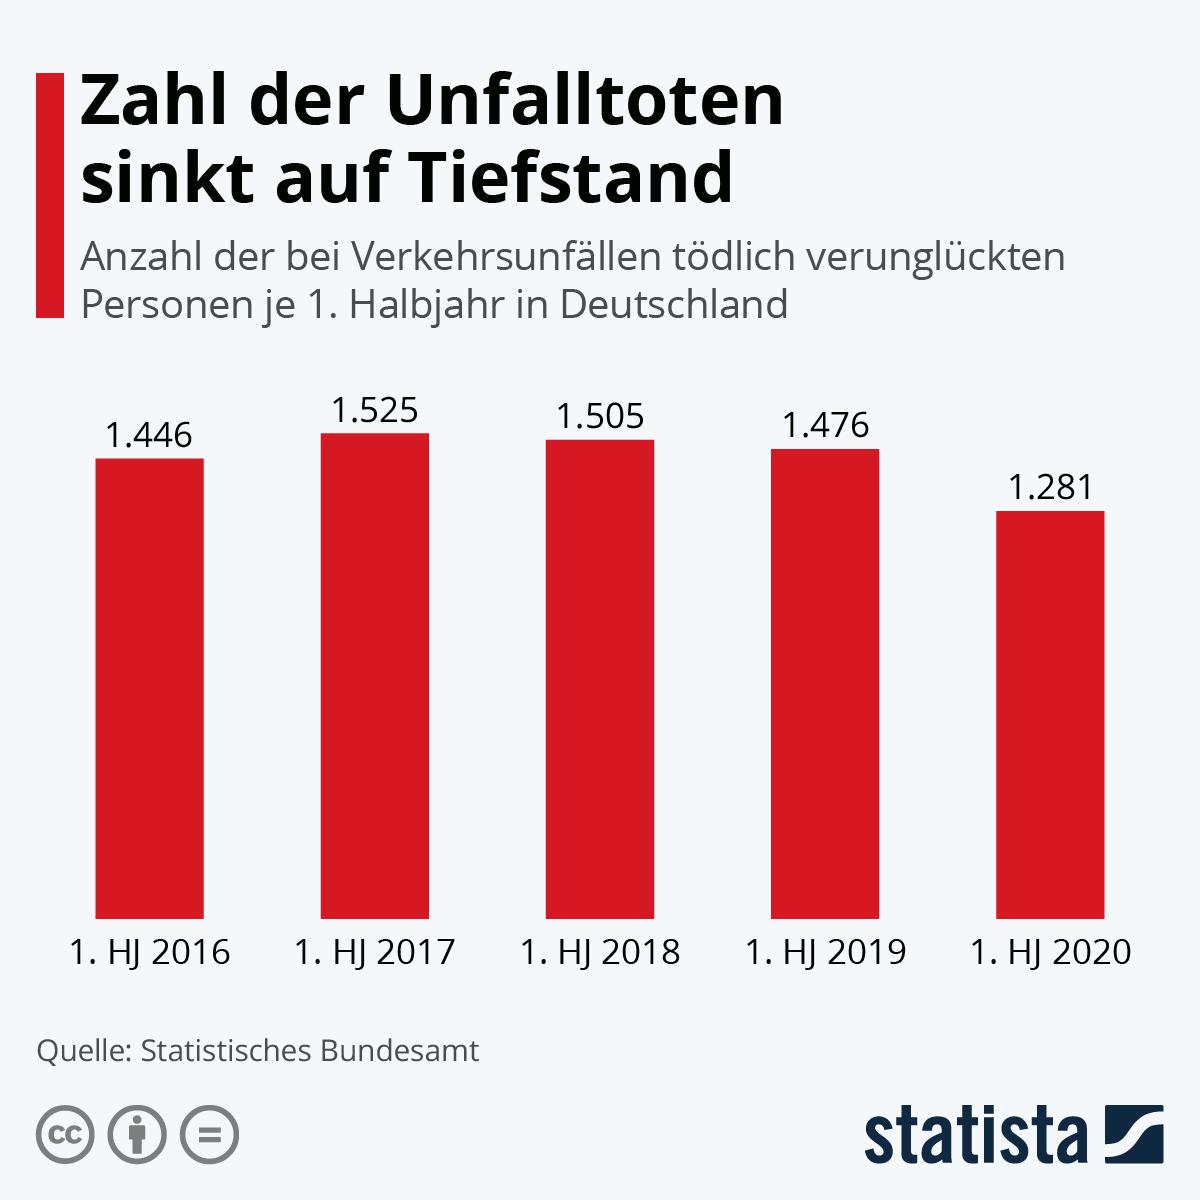 Infografik: Zahl der Unfalltoten sinkt auf Tiefstand | Statista